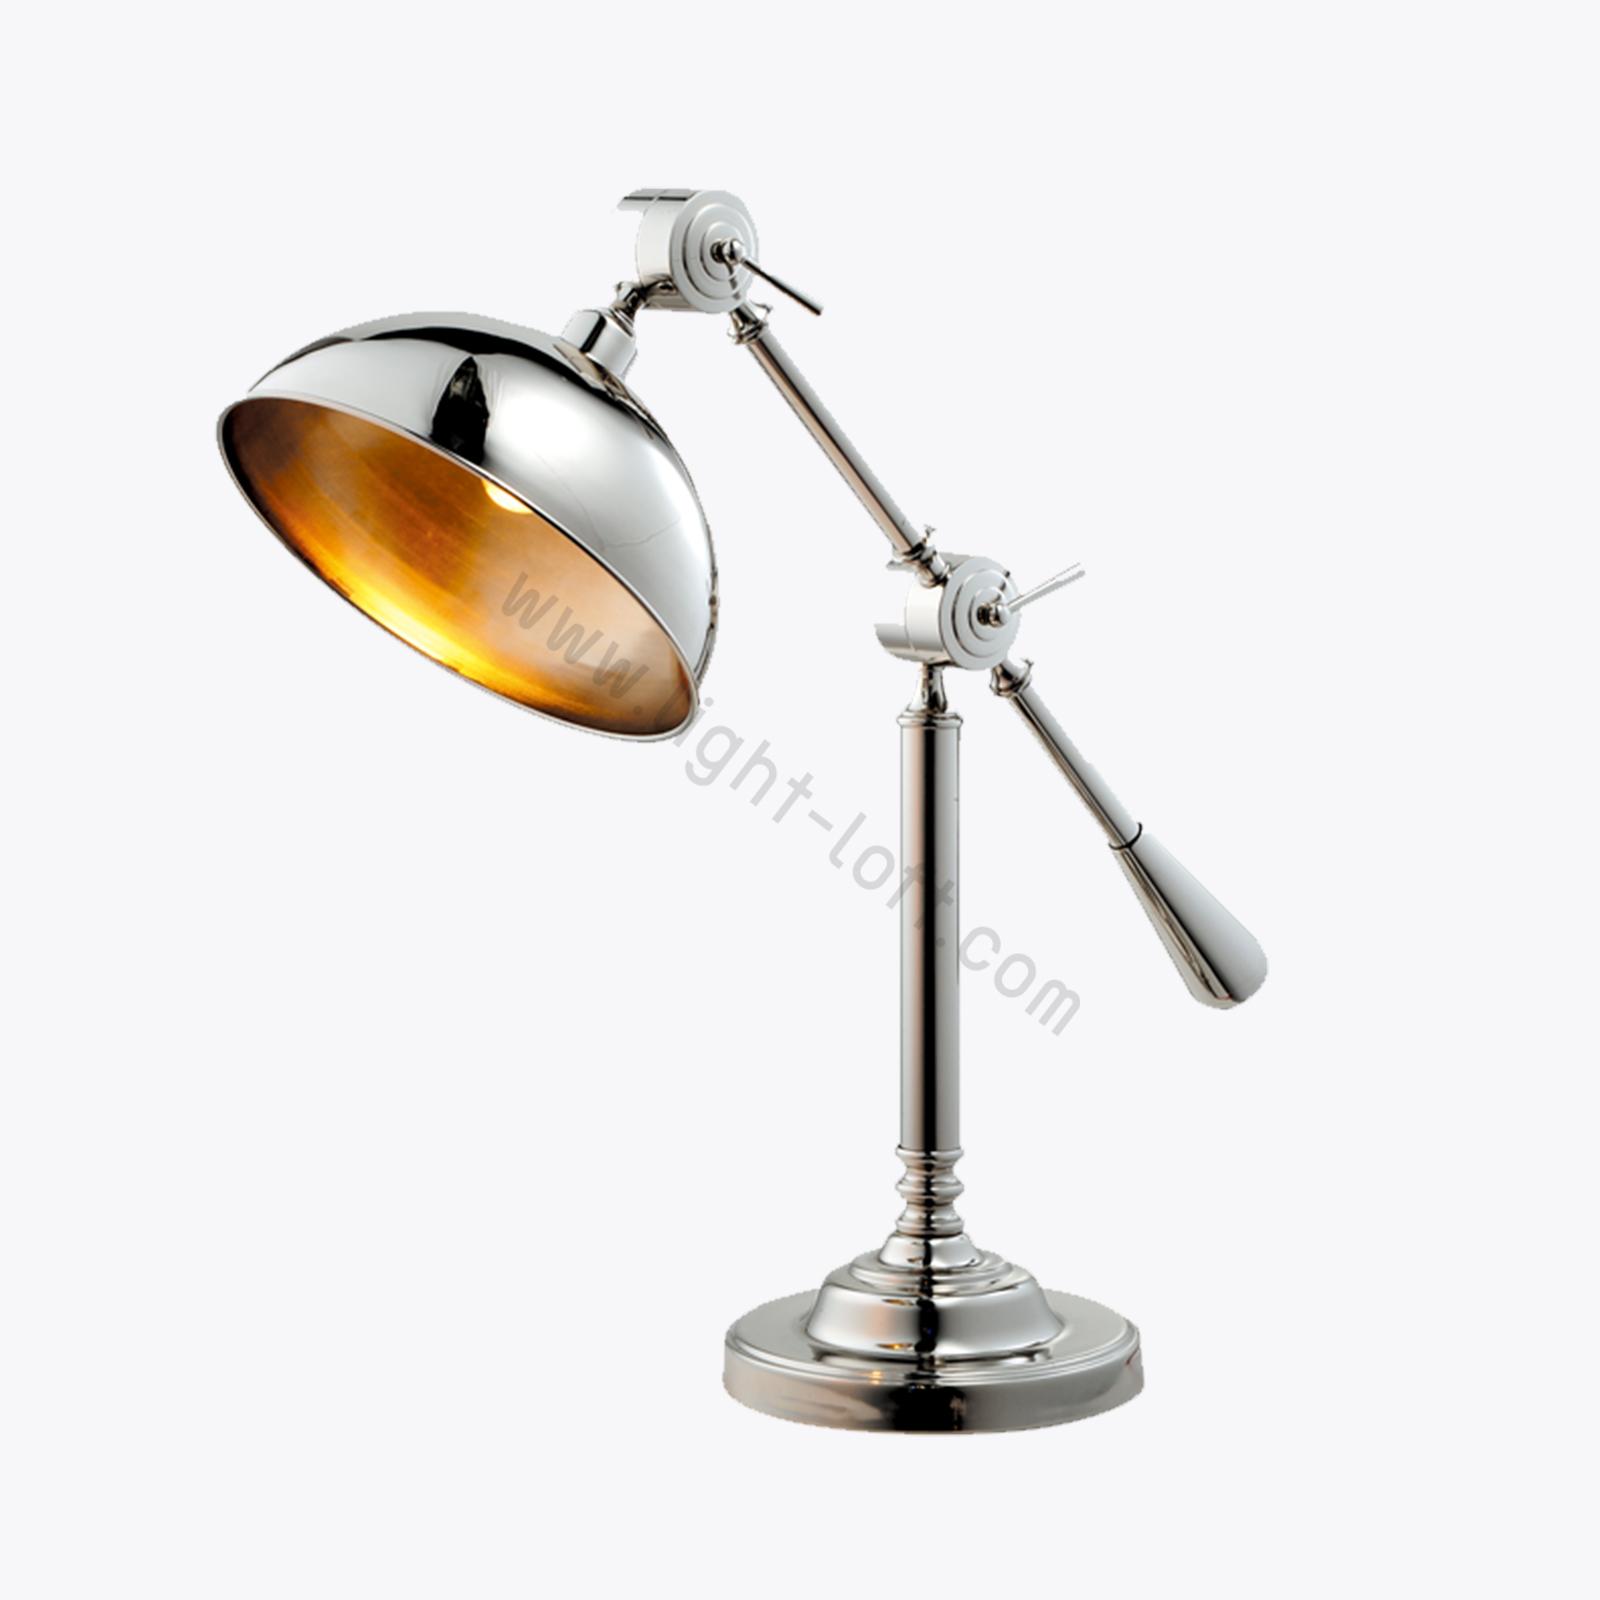 โคมไฟตั้งโต๊ะสีดำ